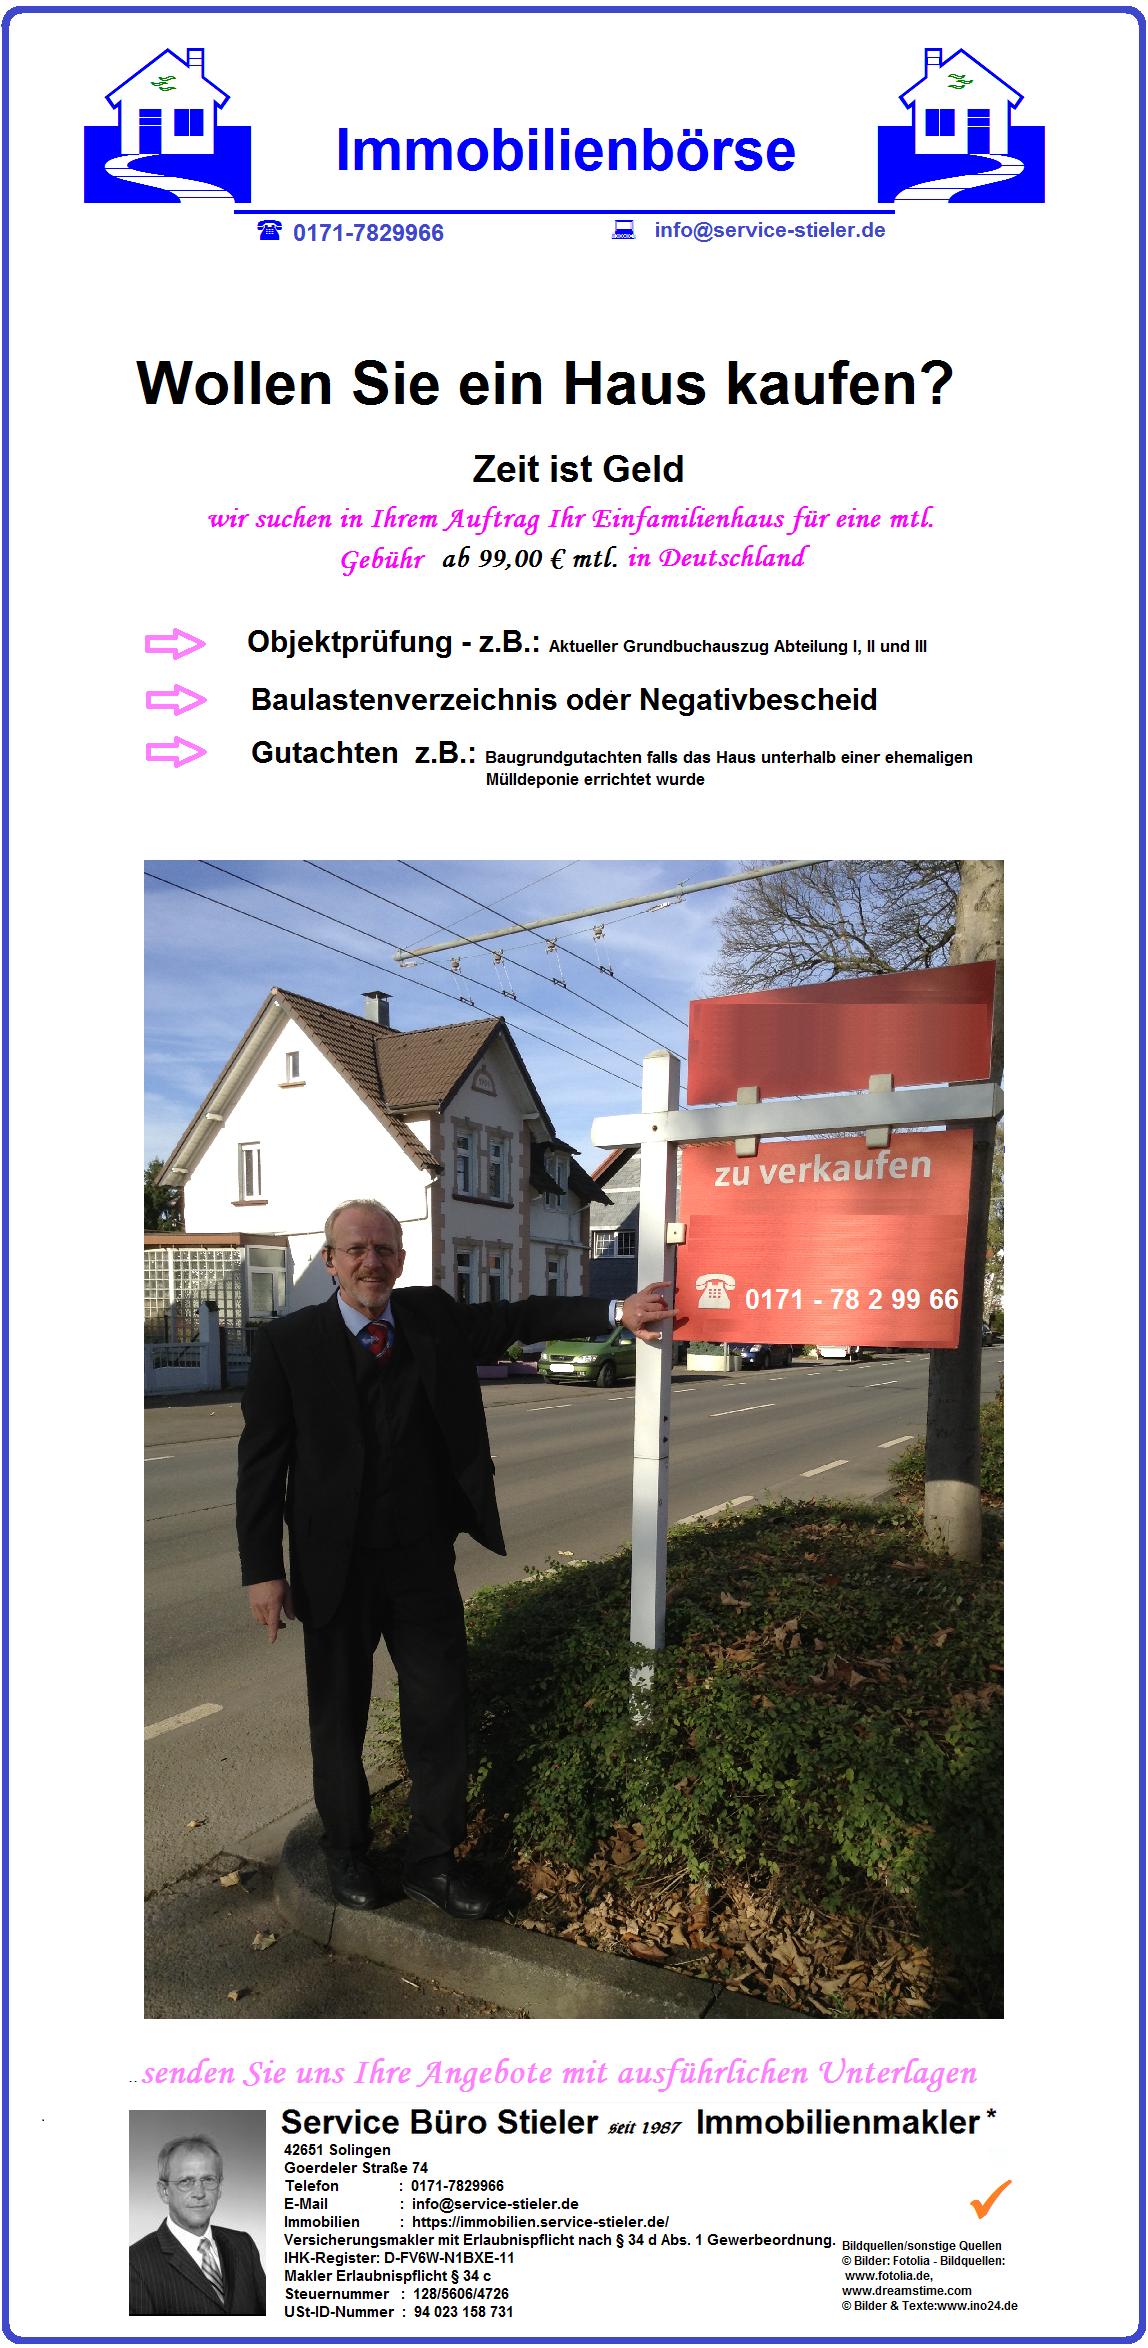 Das Einfamilienhaus Zweifamilienhaus oder Mehrfamilienhaus in #KFZ- #Stellplatz 63477 - #Maintal - #Bischofsheim #Schillerstrasse 4 zu #vermieten  sollte folgende Mindestanforderungen erfüllen: